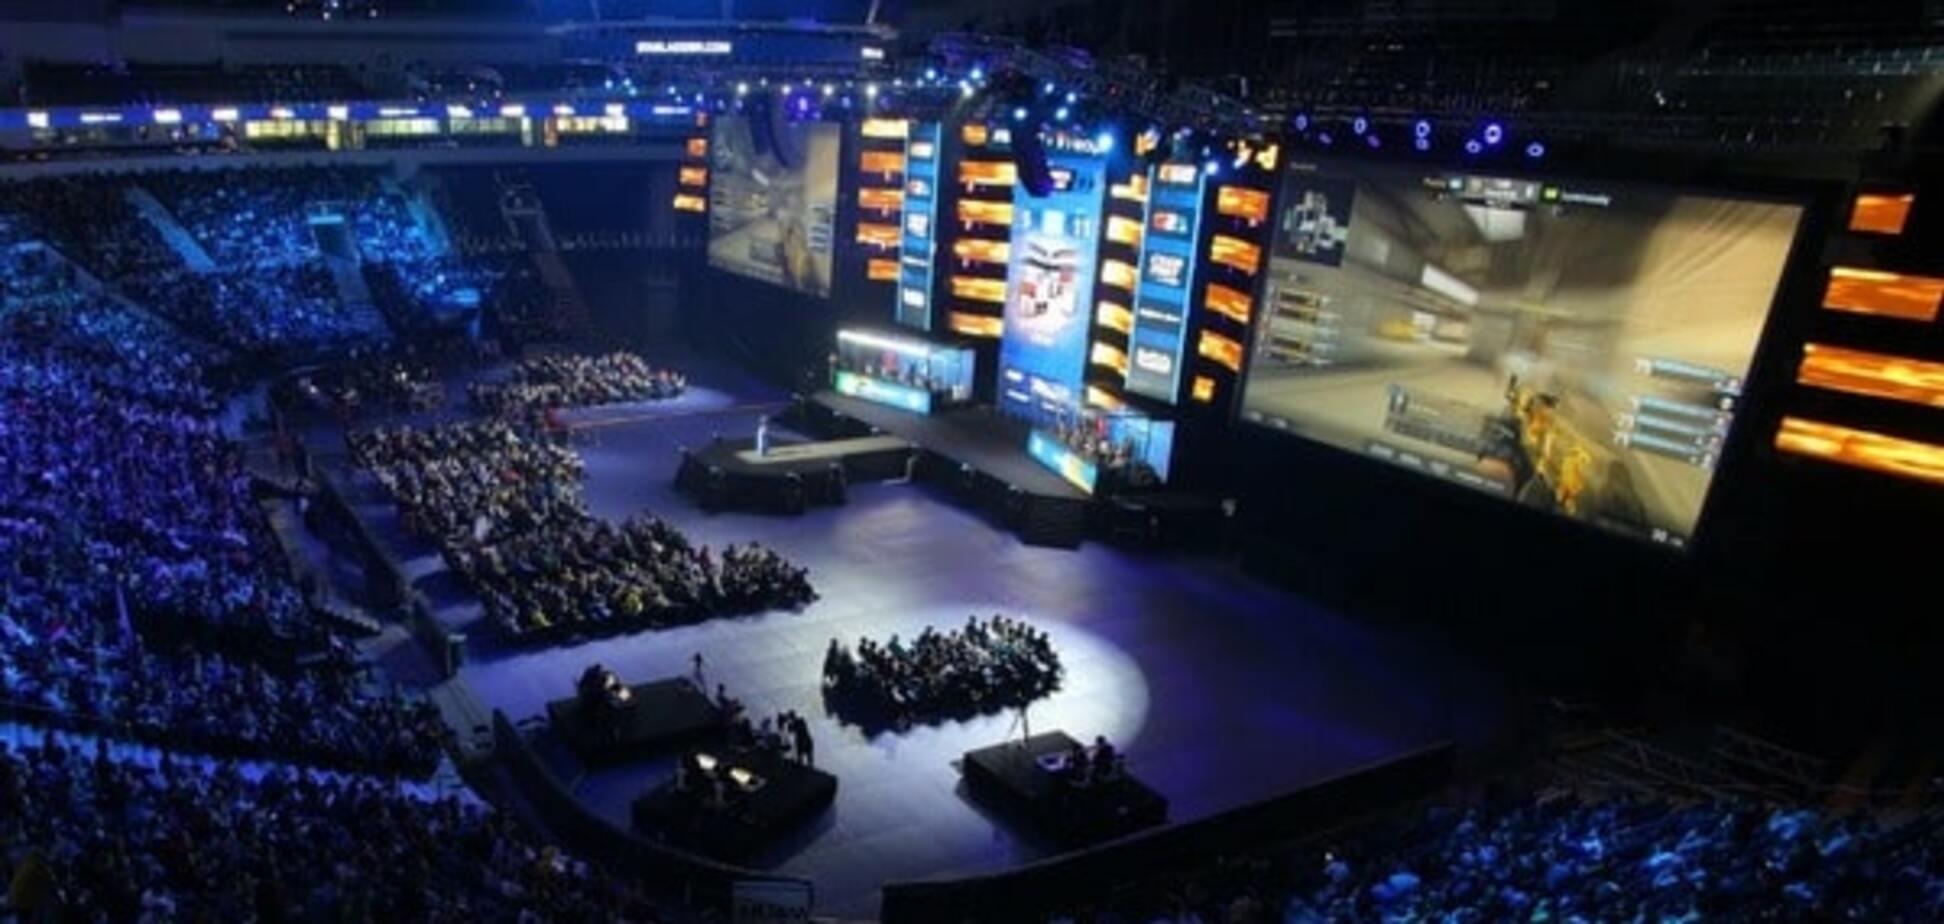 Финал SL i-League CS:GO StarSeries S2 переезжает в Киев